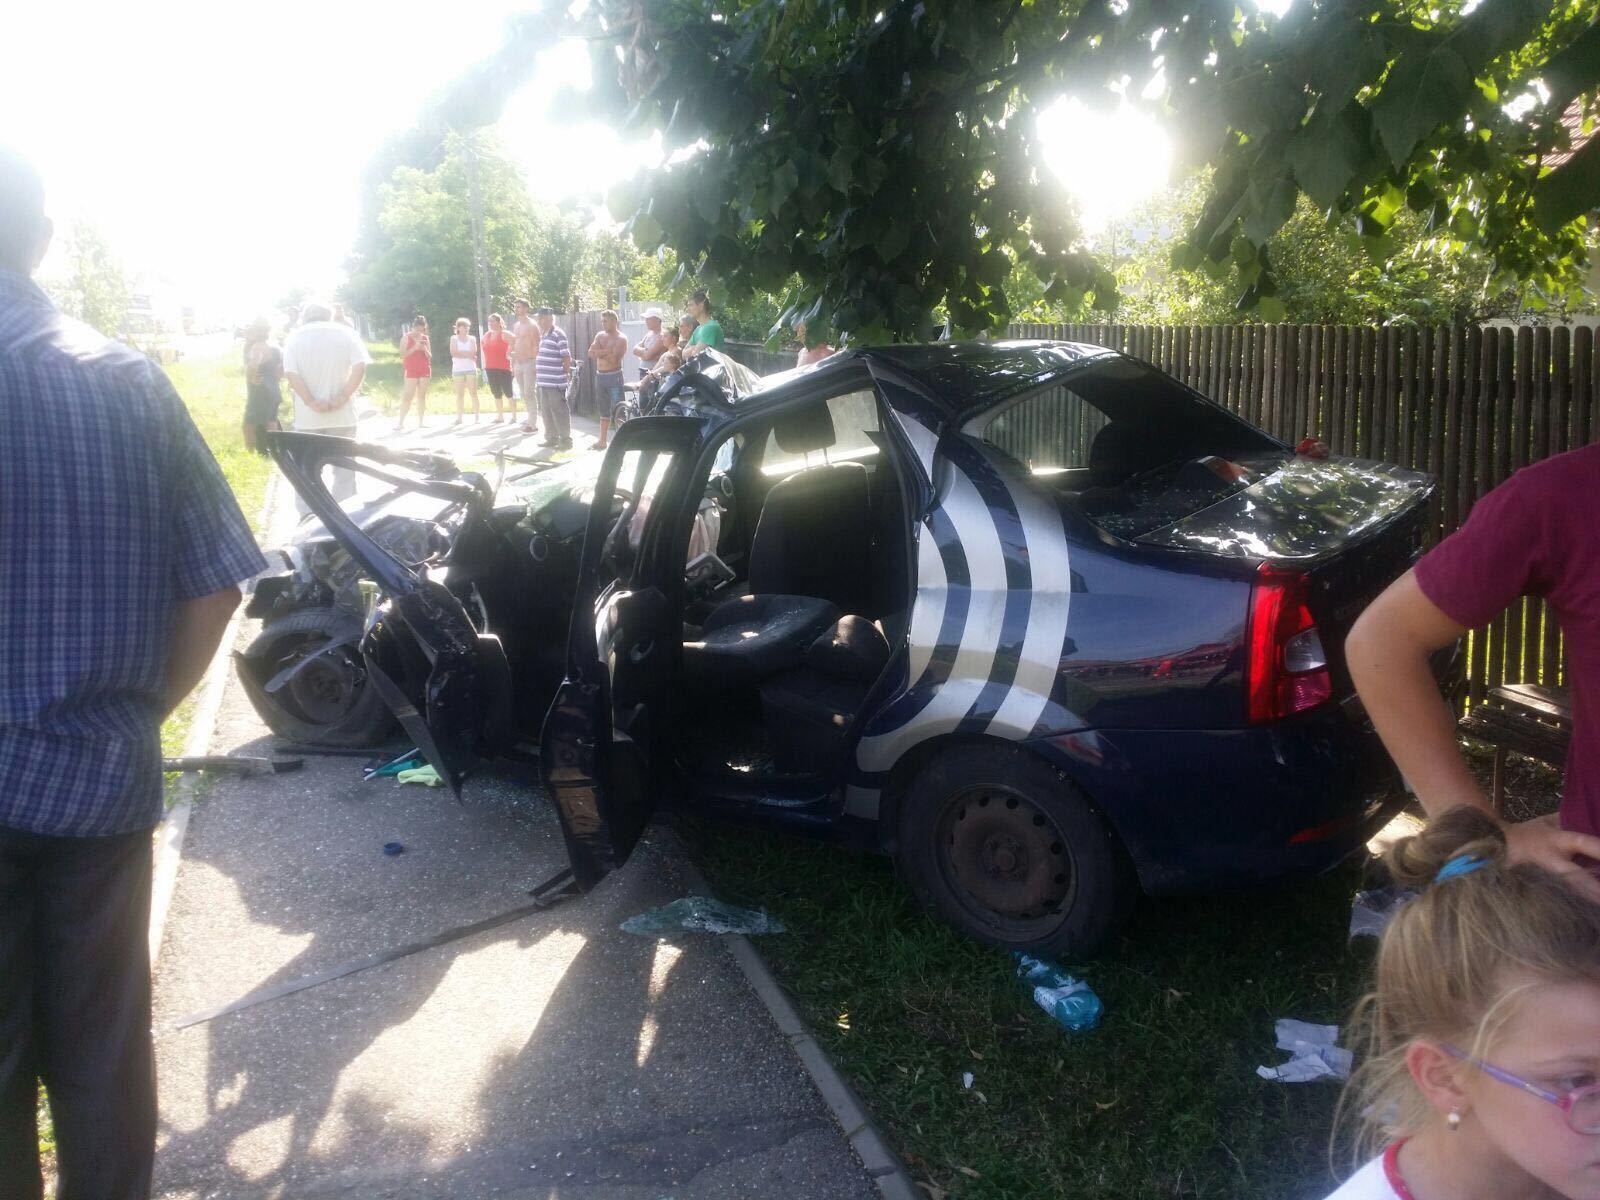 Cinci persoane sunt rănite grav, în urma impactului dintre două autoturisme şi un TIR în Prahova. Traficul este blocat - FOTO